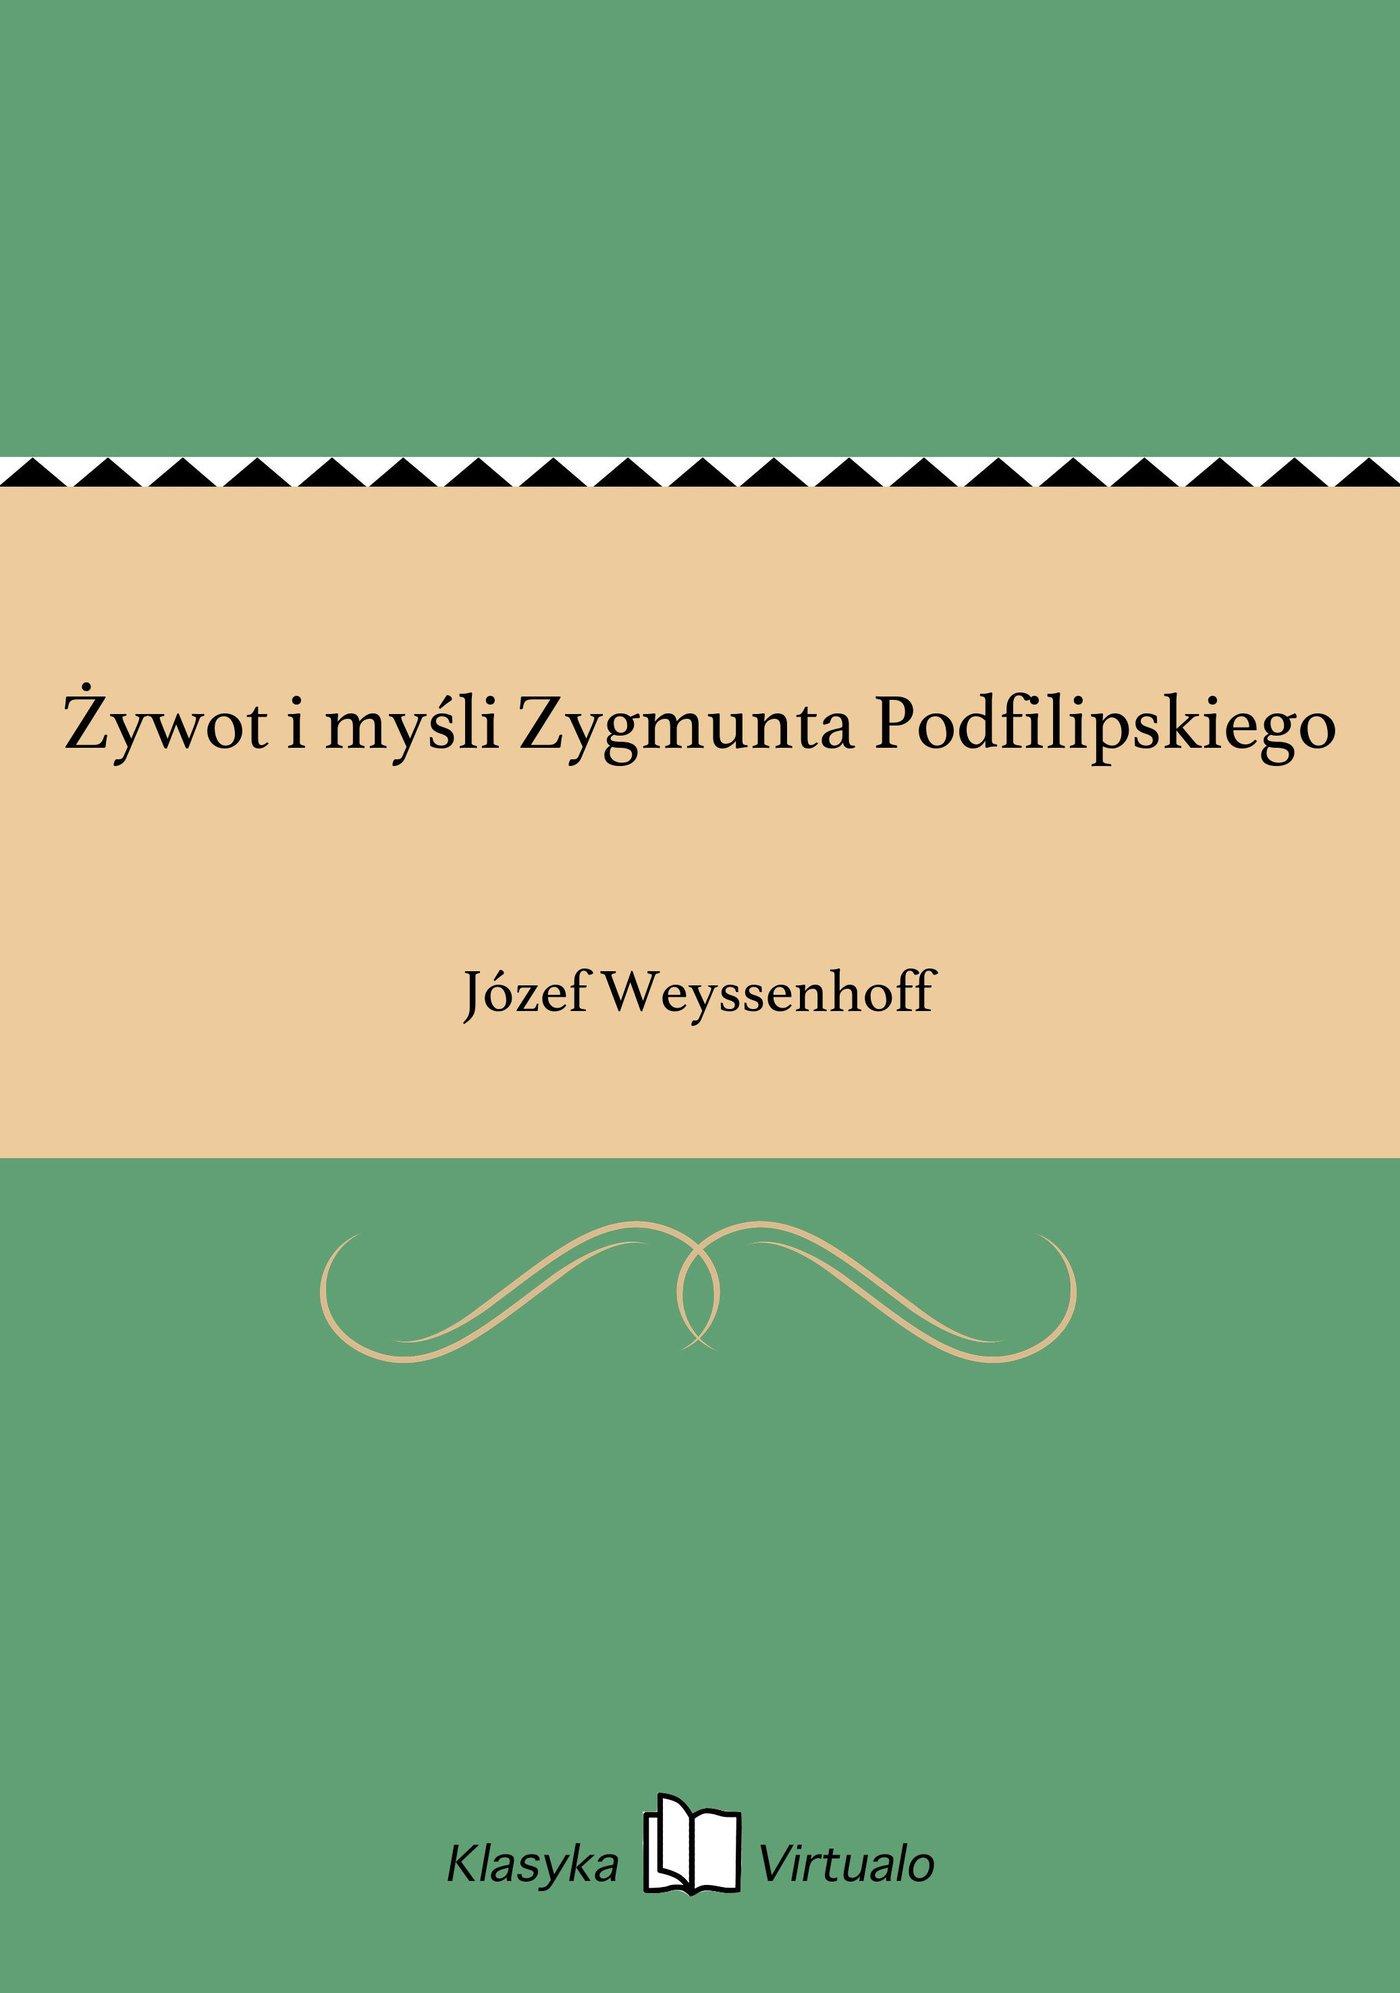 Żywot i myśli Zygmunta Podfilipskiego - Ebook (Książka na Kindle) do pobrania w formacie MOBI